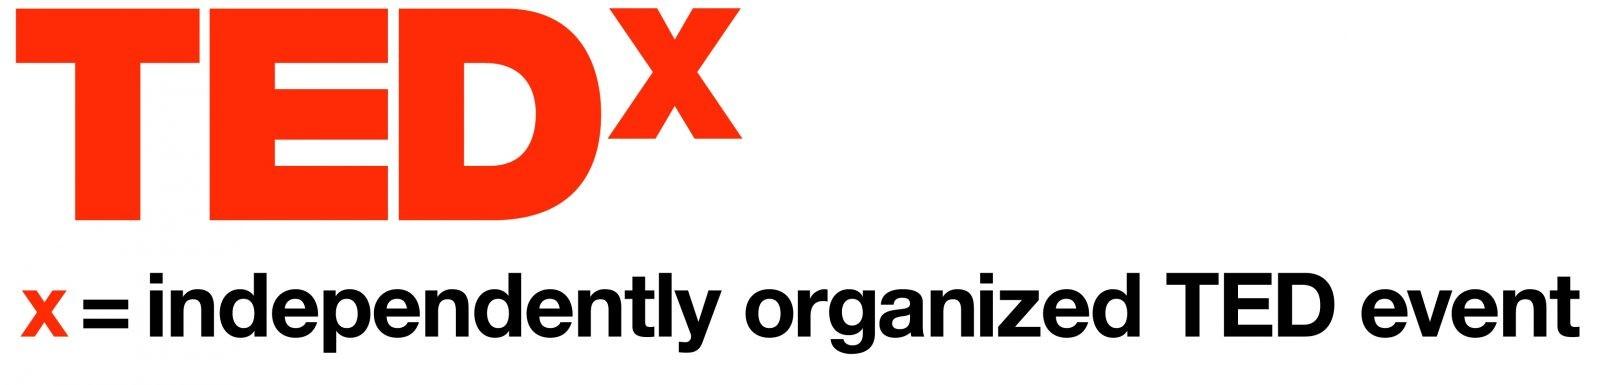 TEDx logo courtesy of Lingholic.com